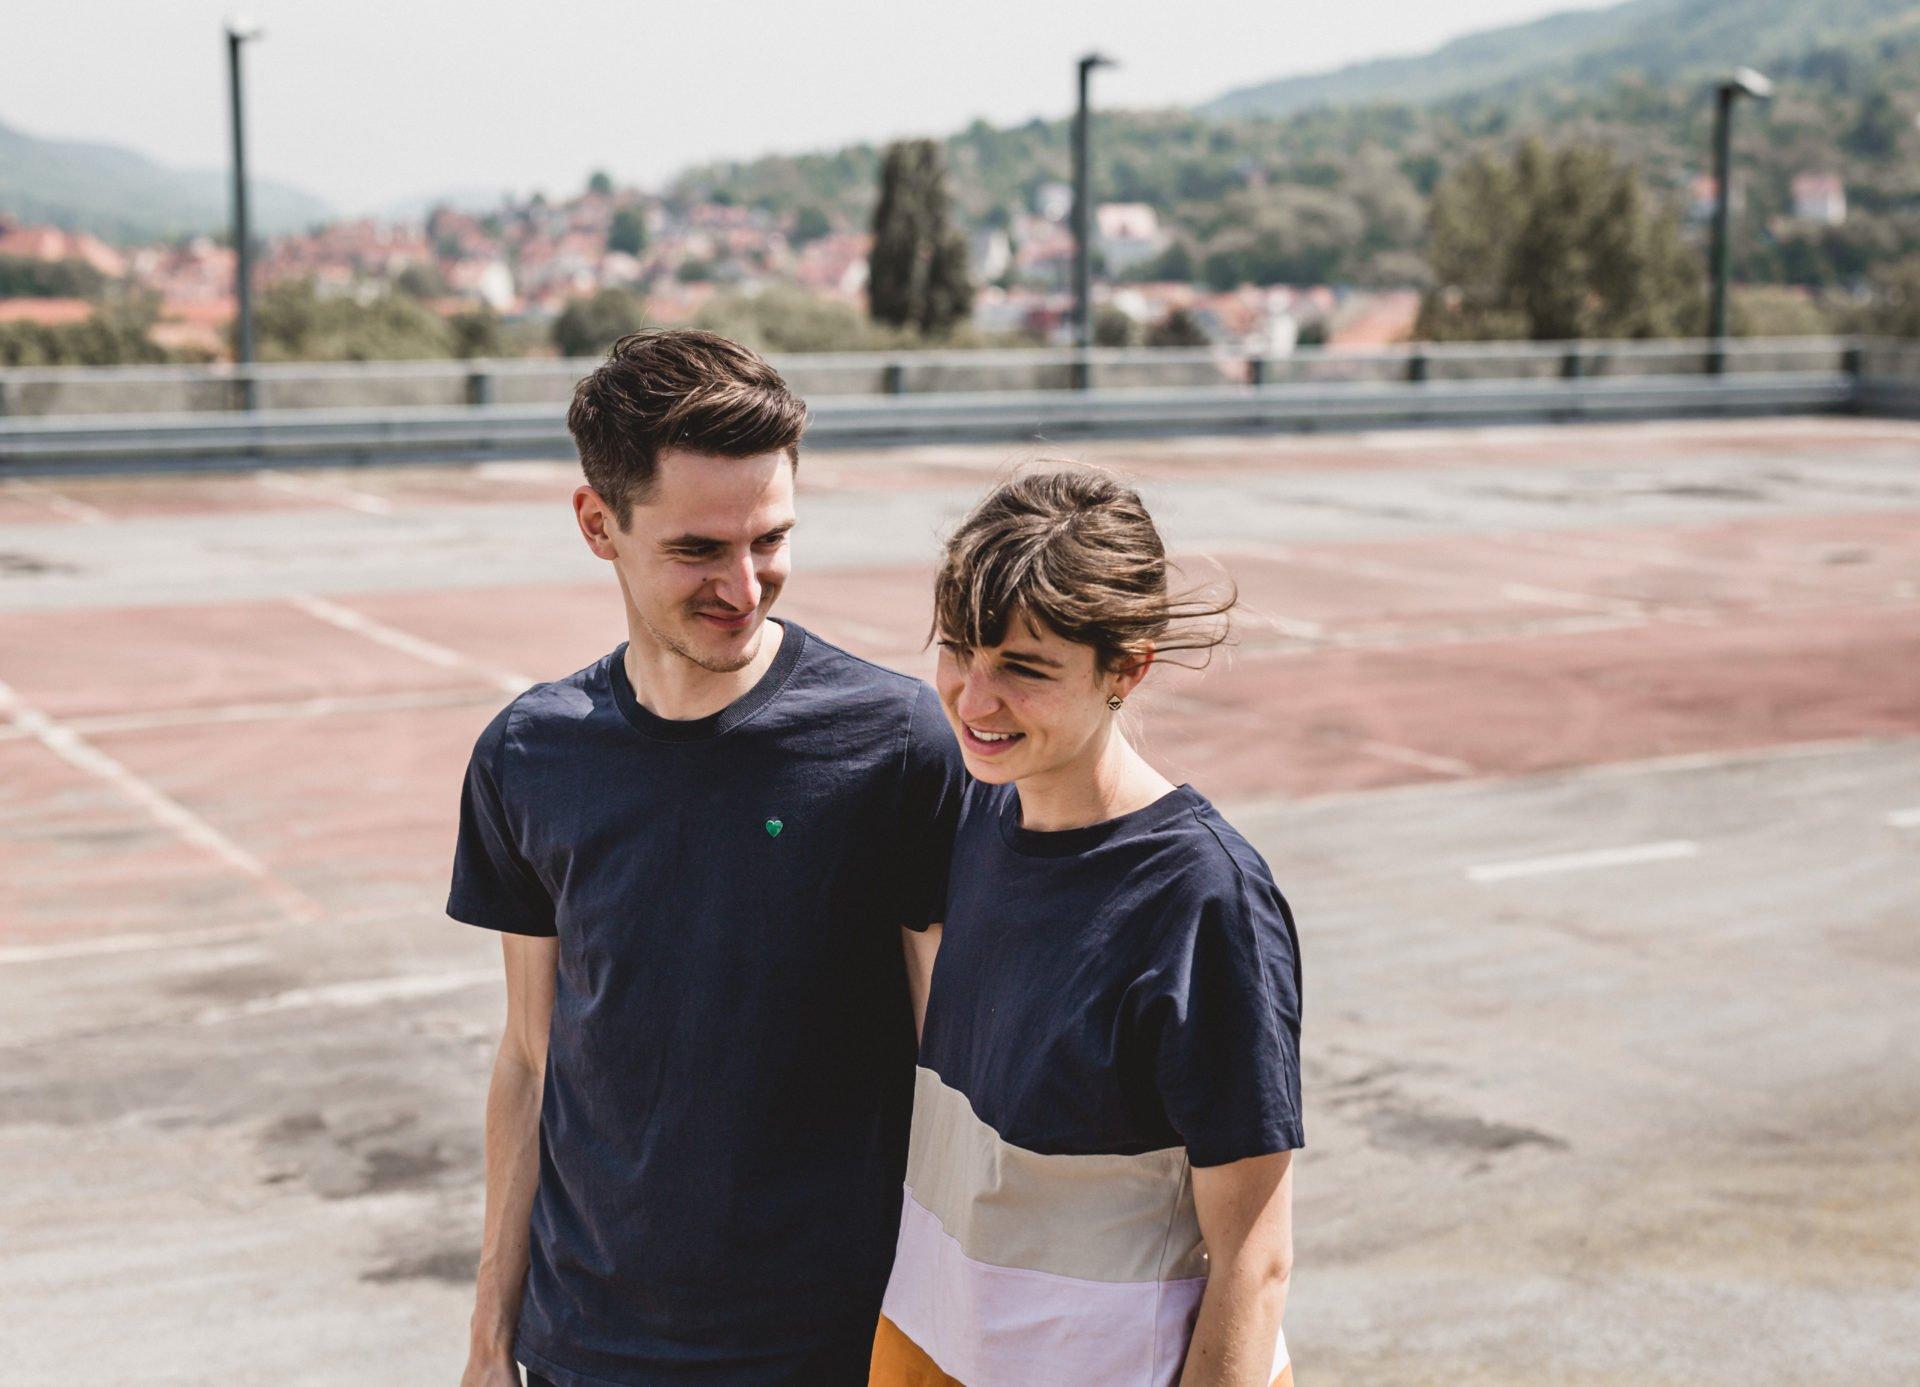 Liebesgeschichte | Liebesgeschichte auf der Jenaer Schillerpassage | 33